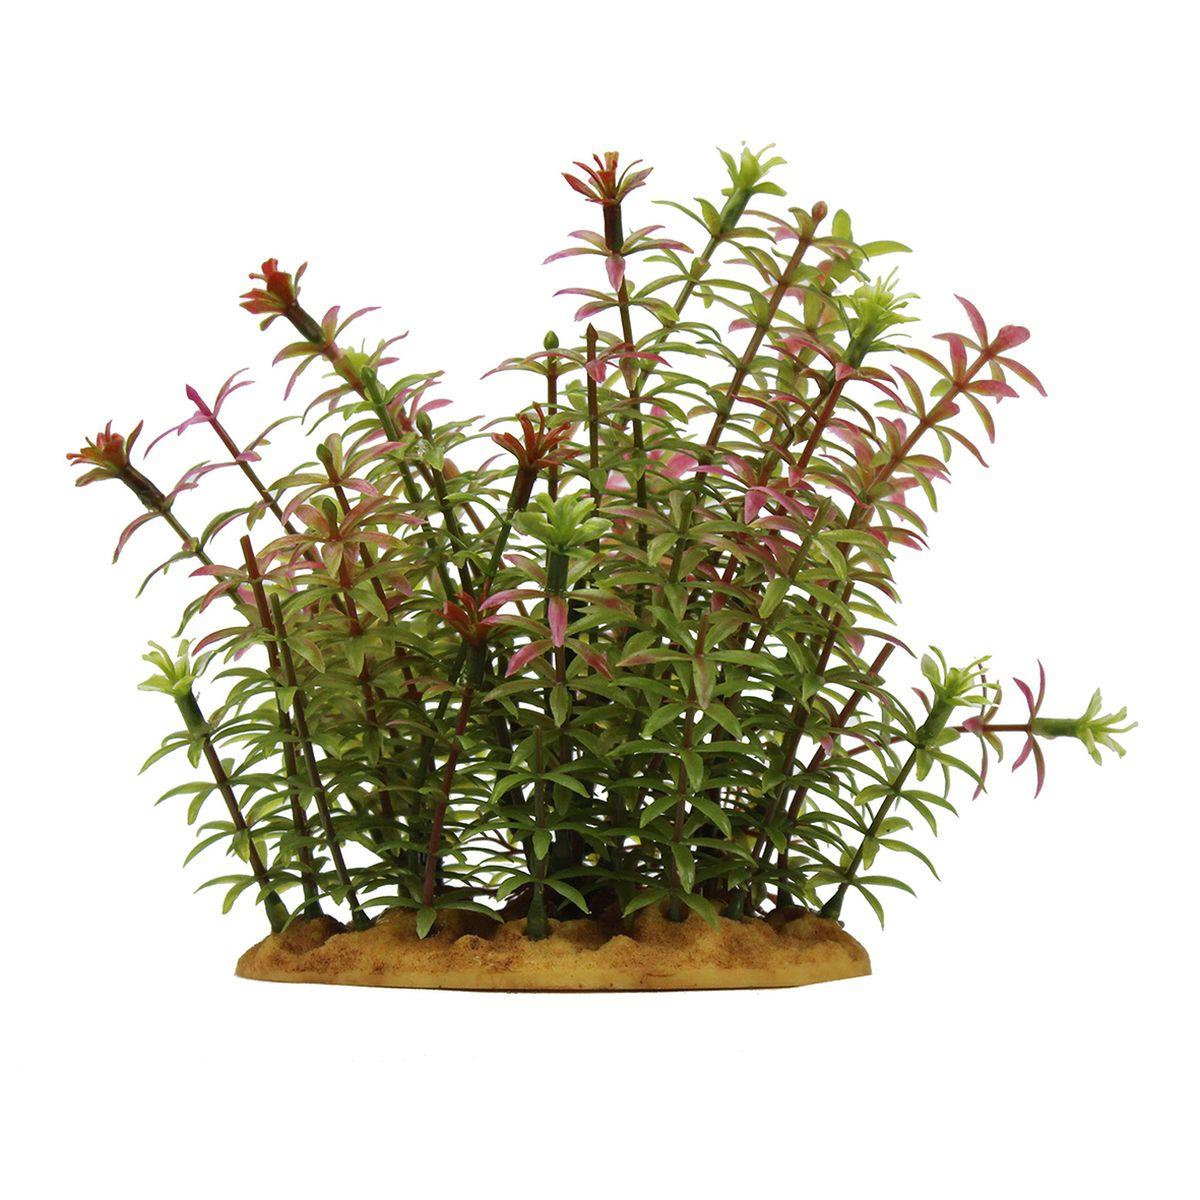 Растение для аквариума ArtUniq Ротала индийская, высота 15 см101246Композиция из искусственных растений ArtUniq превосходно украсит и оживит аквариум.Растения - это важная часть любой композиции, они помогут вдохнуть жизнь в ландшафт любого аквариума или террариума. А их сходствос природными порадует даже самых взыскательных ценителей.